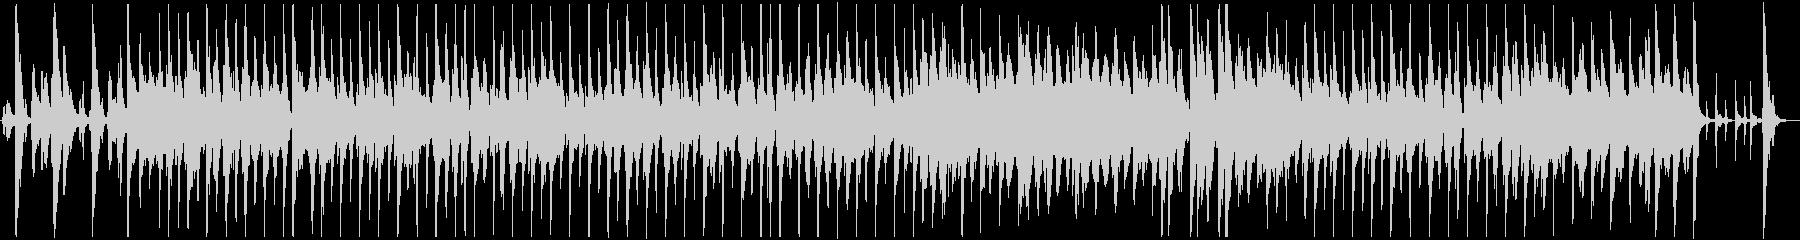 軽快なリズムのおしゃれなジャズの未再生の波形